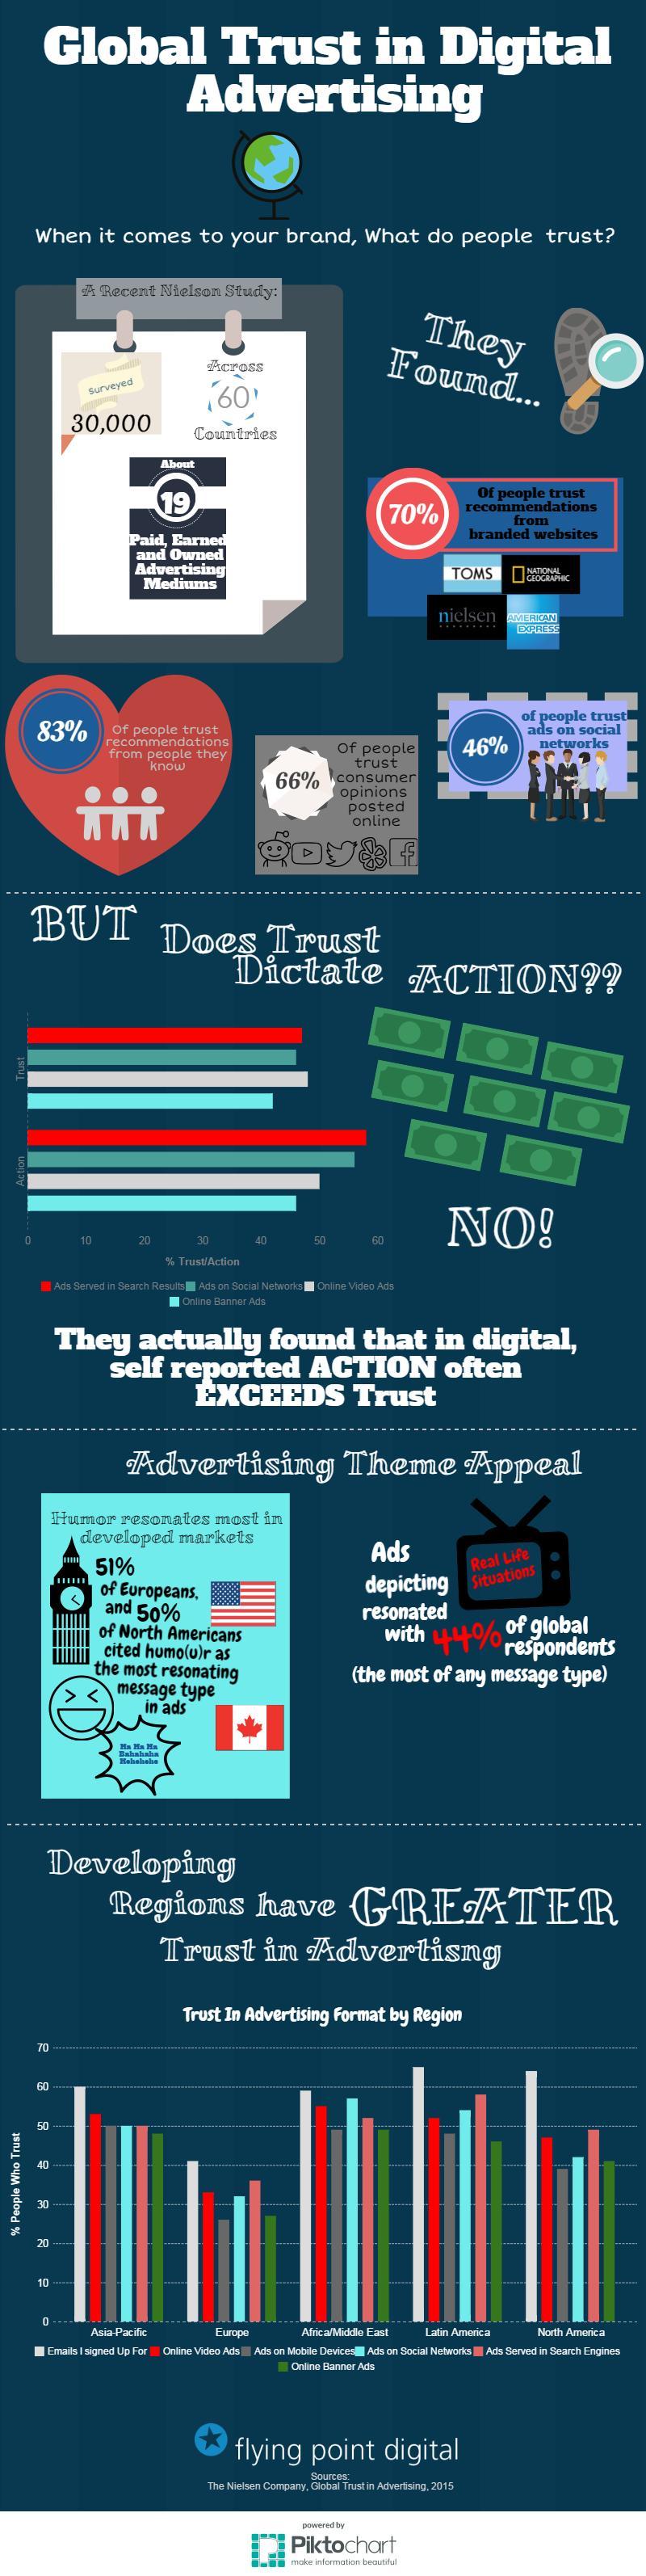 Global Trust In Digital Advertising